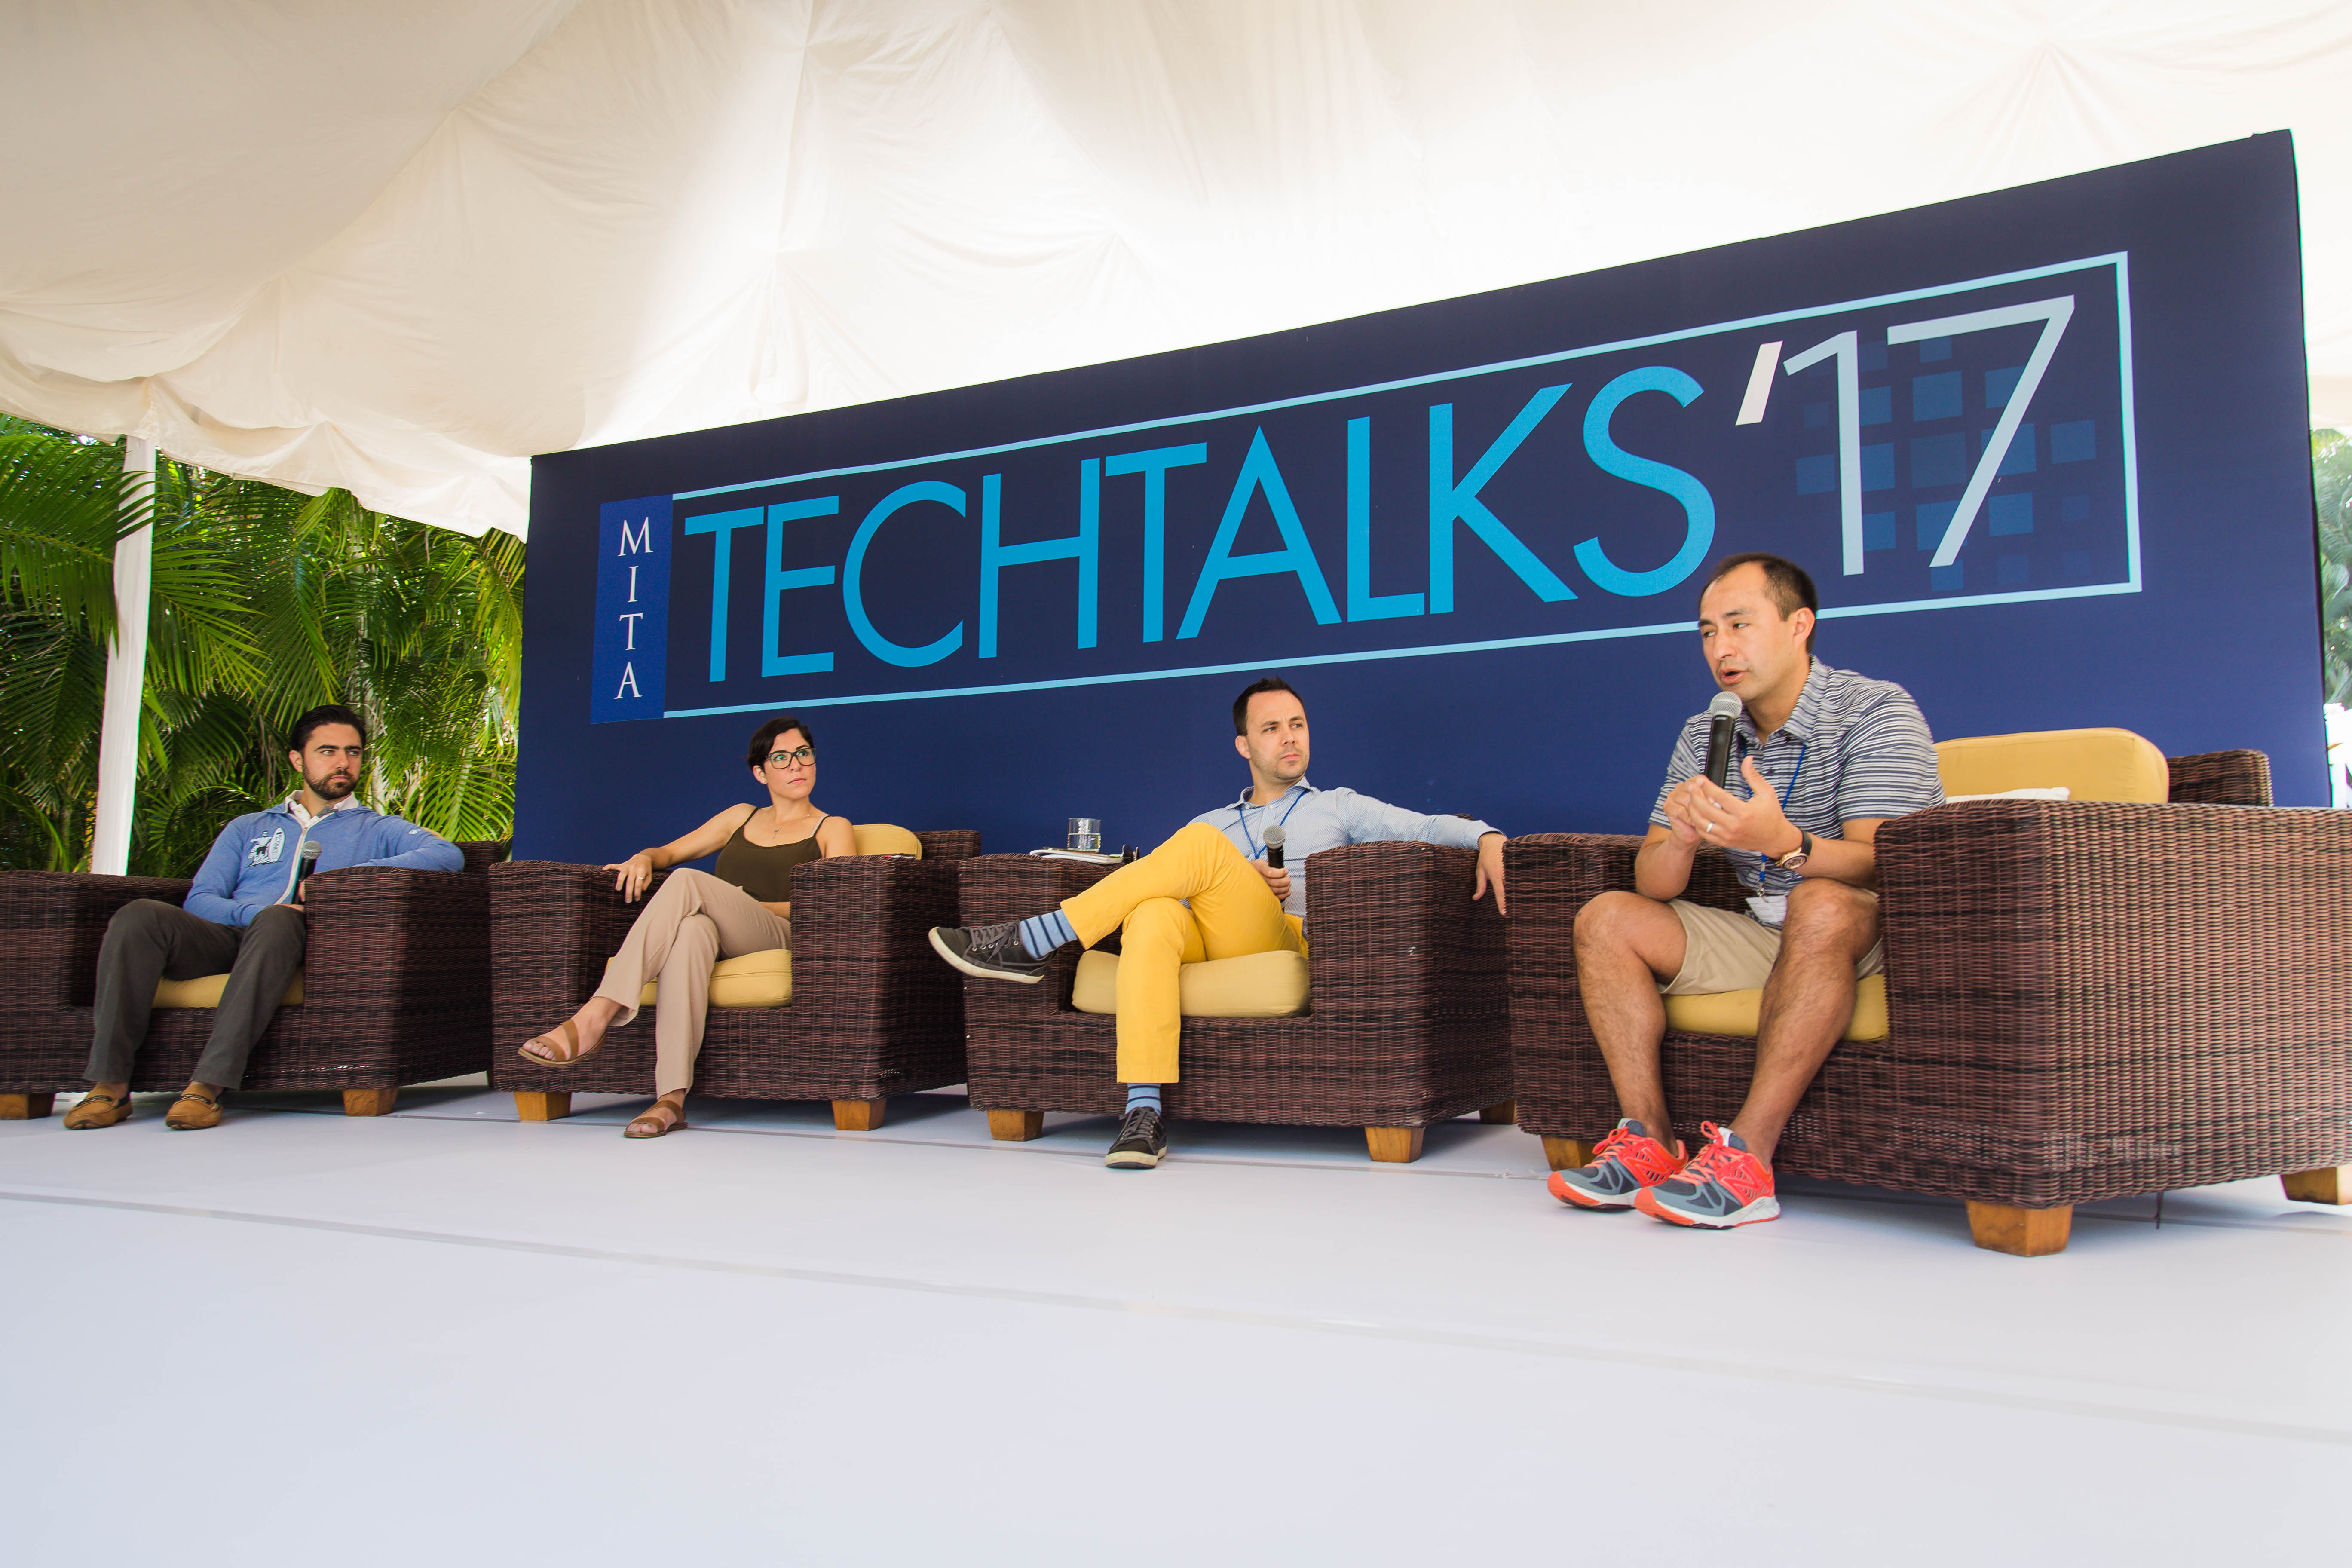 Techtalks '17